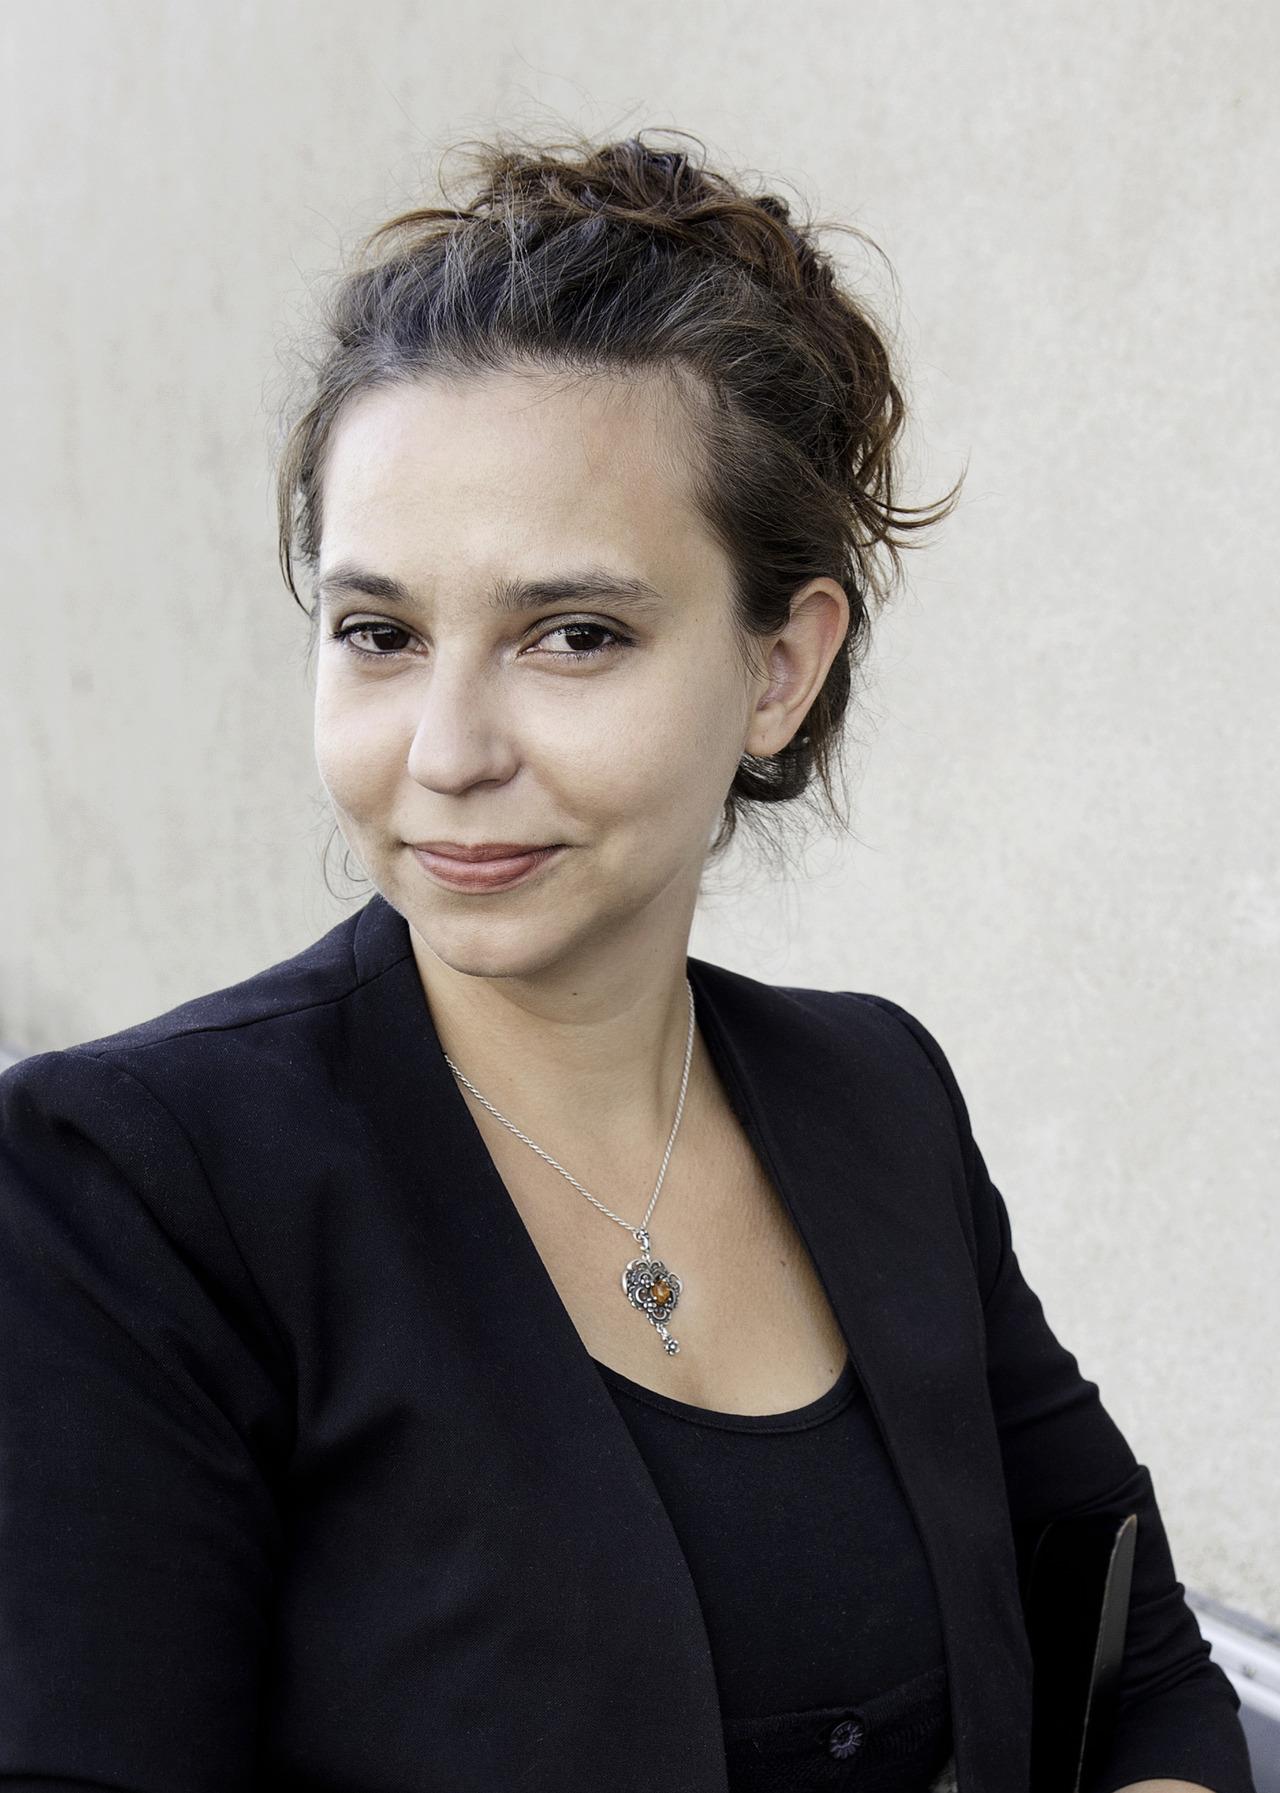 Bildnachweis: Heide Prange Ein Projekt von Marie Kölhler.